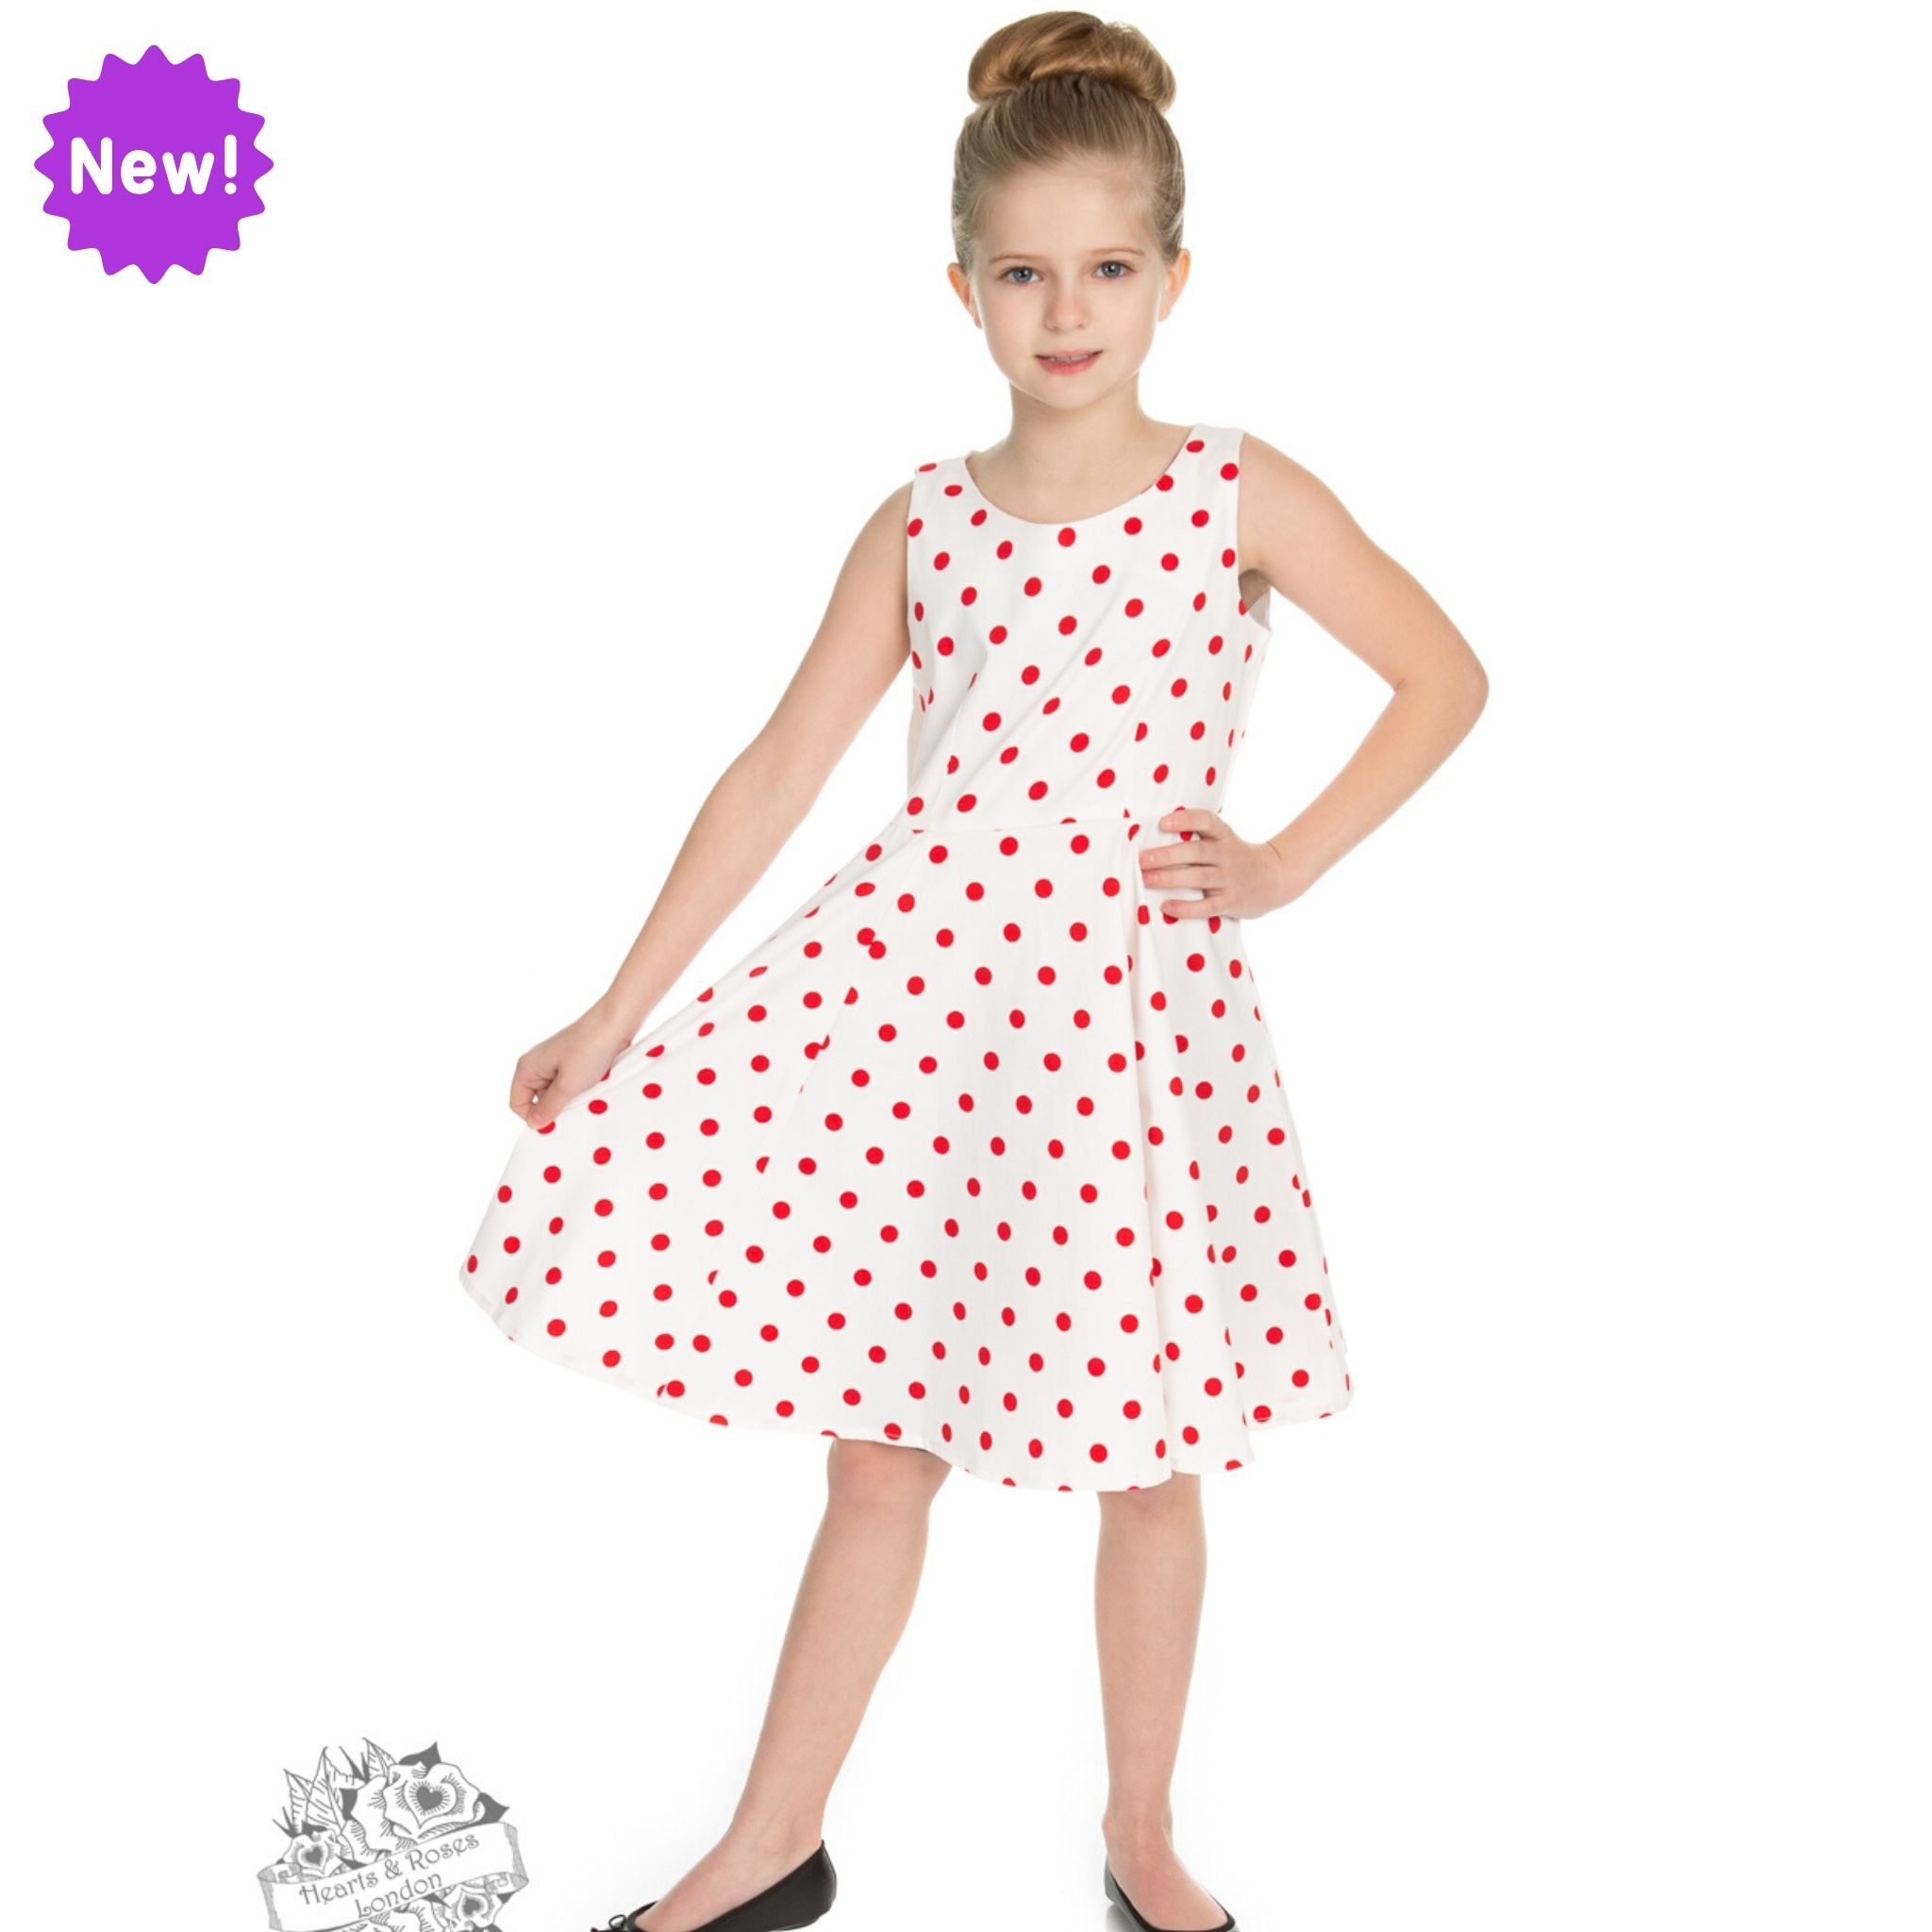 Robe swing blanche à pois rouges, style années 50, pour fillette